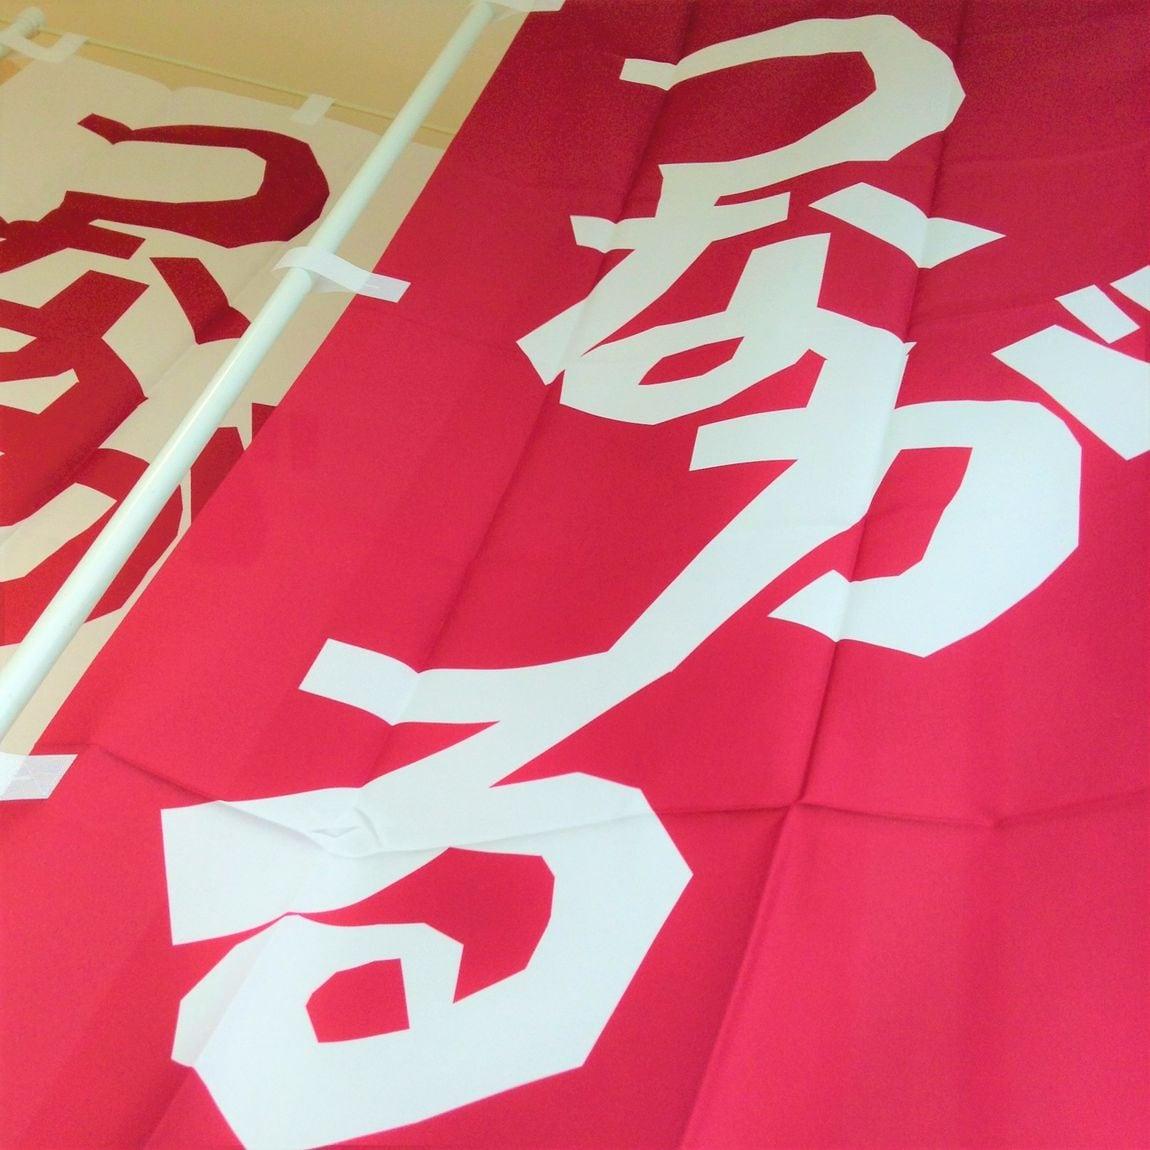 札幌パルコつながる市開催